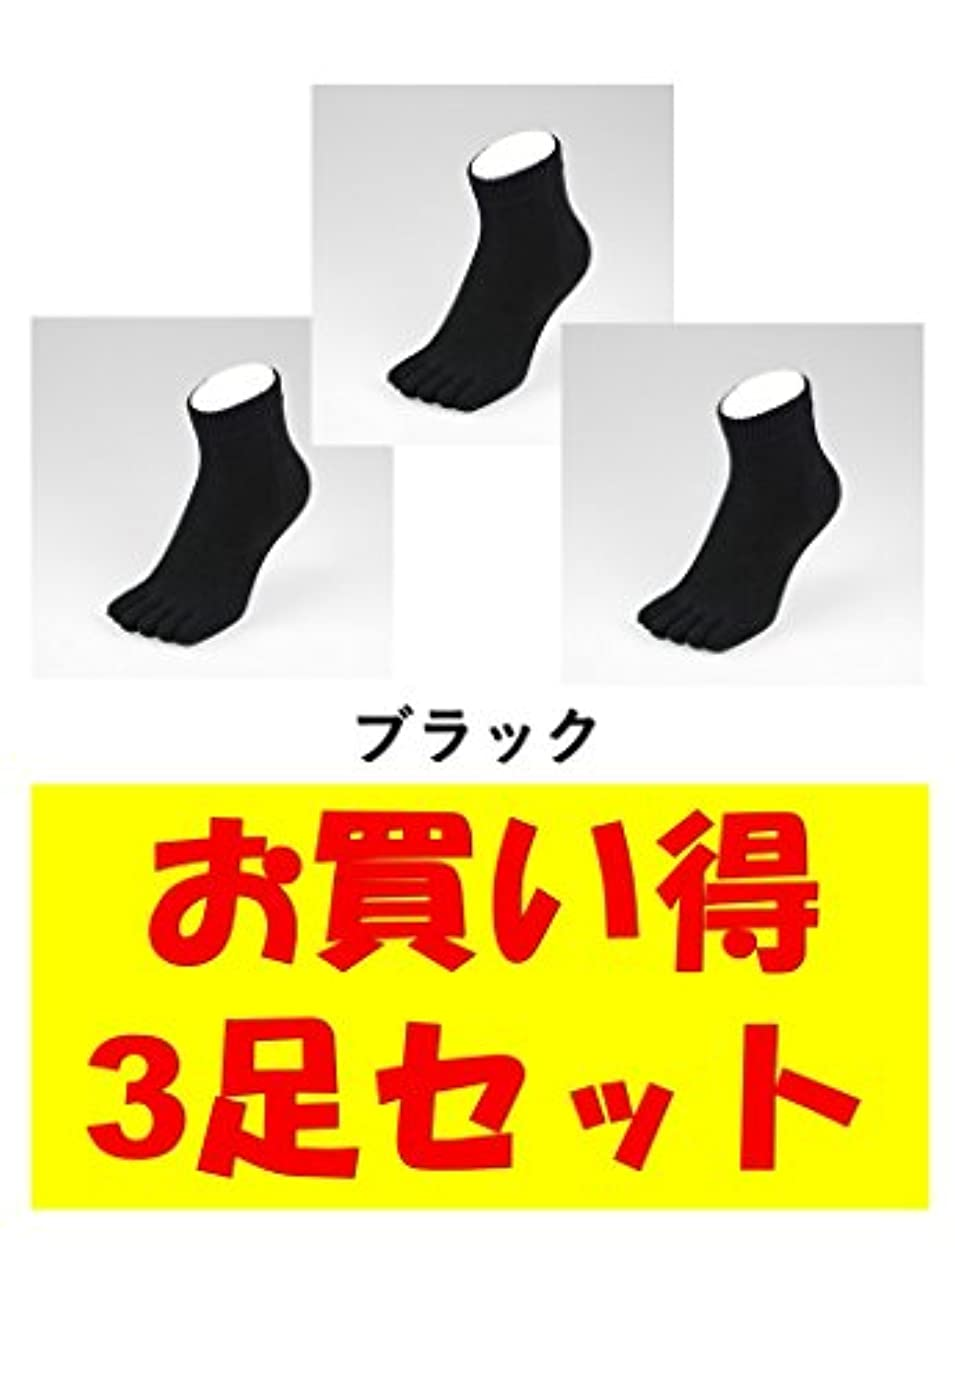 ガウン満足安全なお買い得3足セット 5本指 ゆびのばソックス Neo EVE(イヴ) ブラック iサイズ(23.5cm - 25.5cm) YSNEVE-BLK